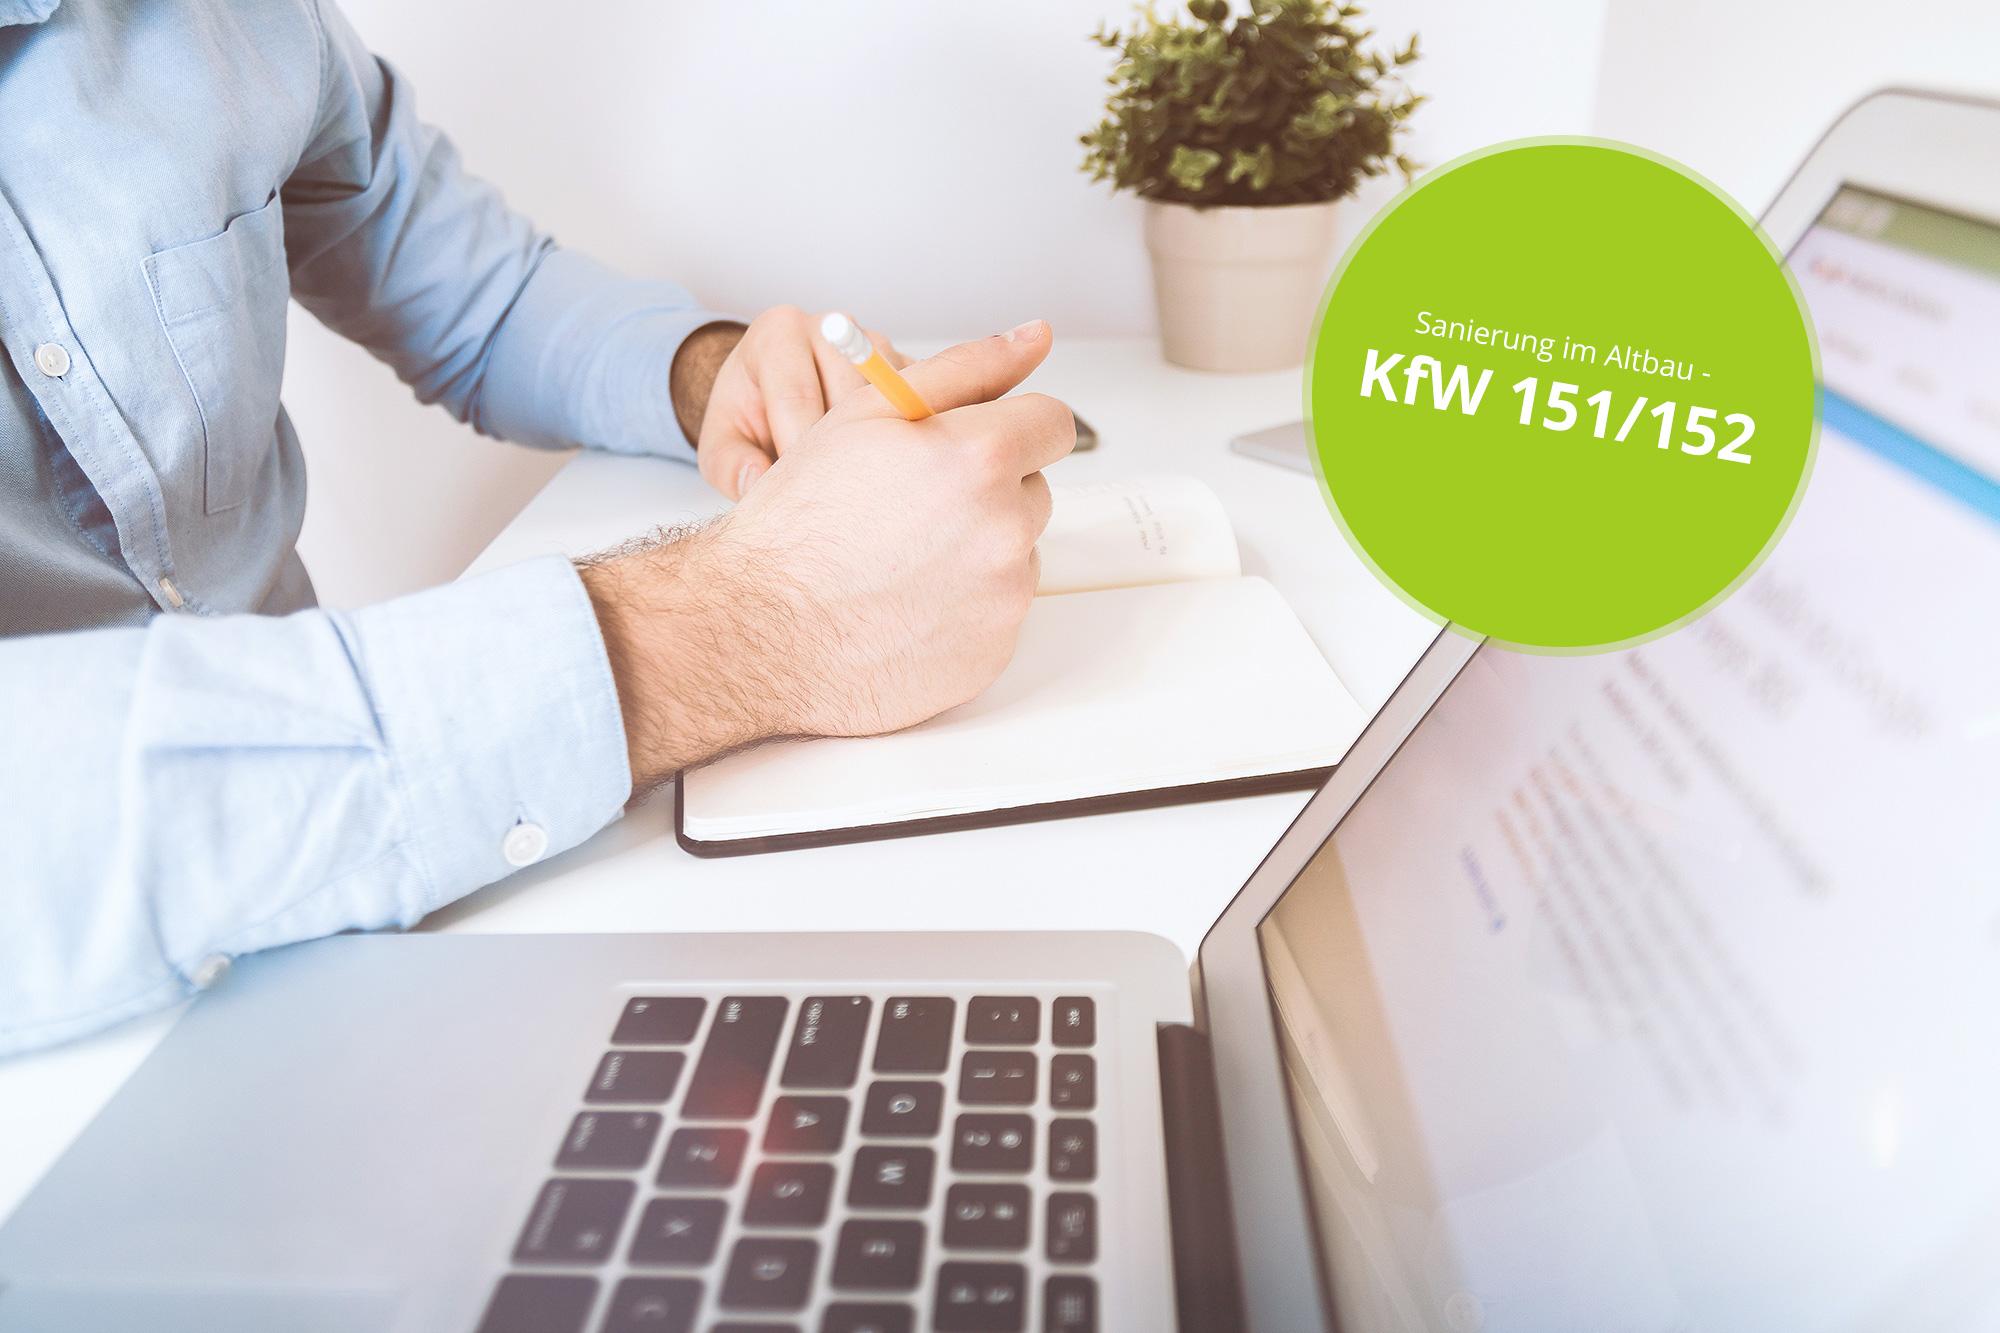 KfW 151 152